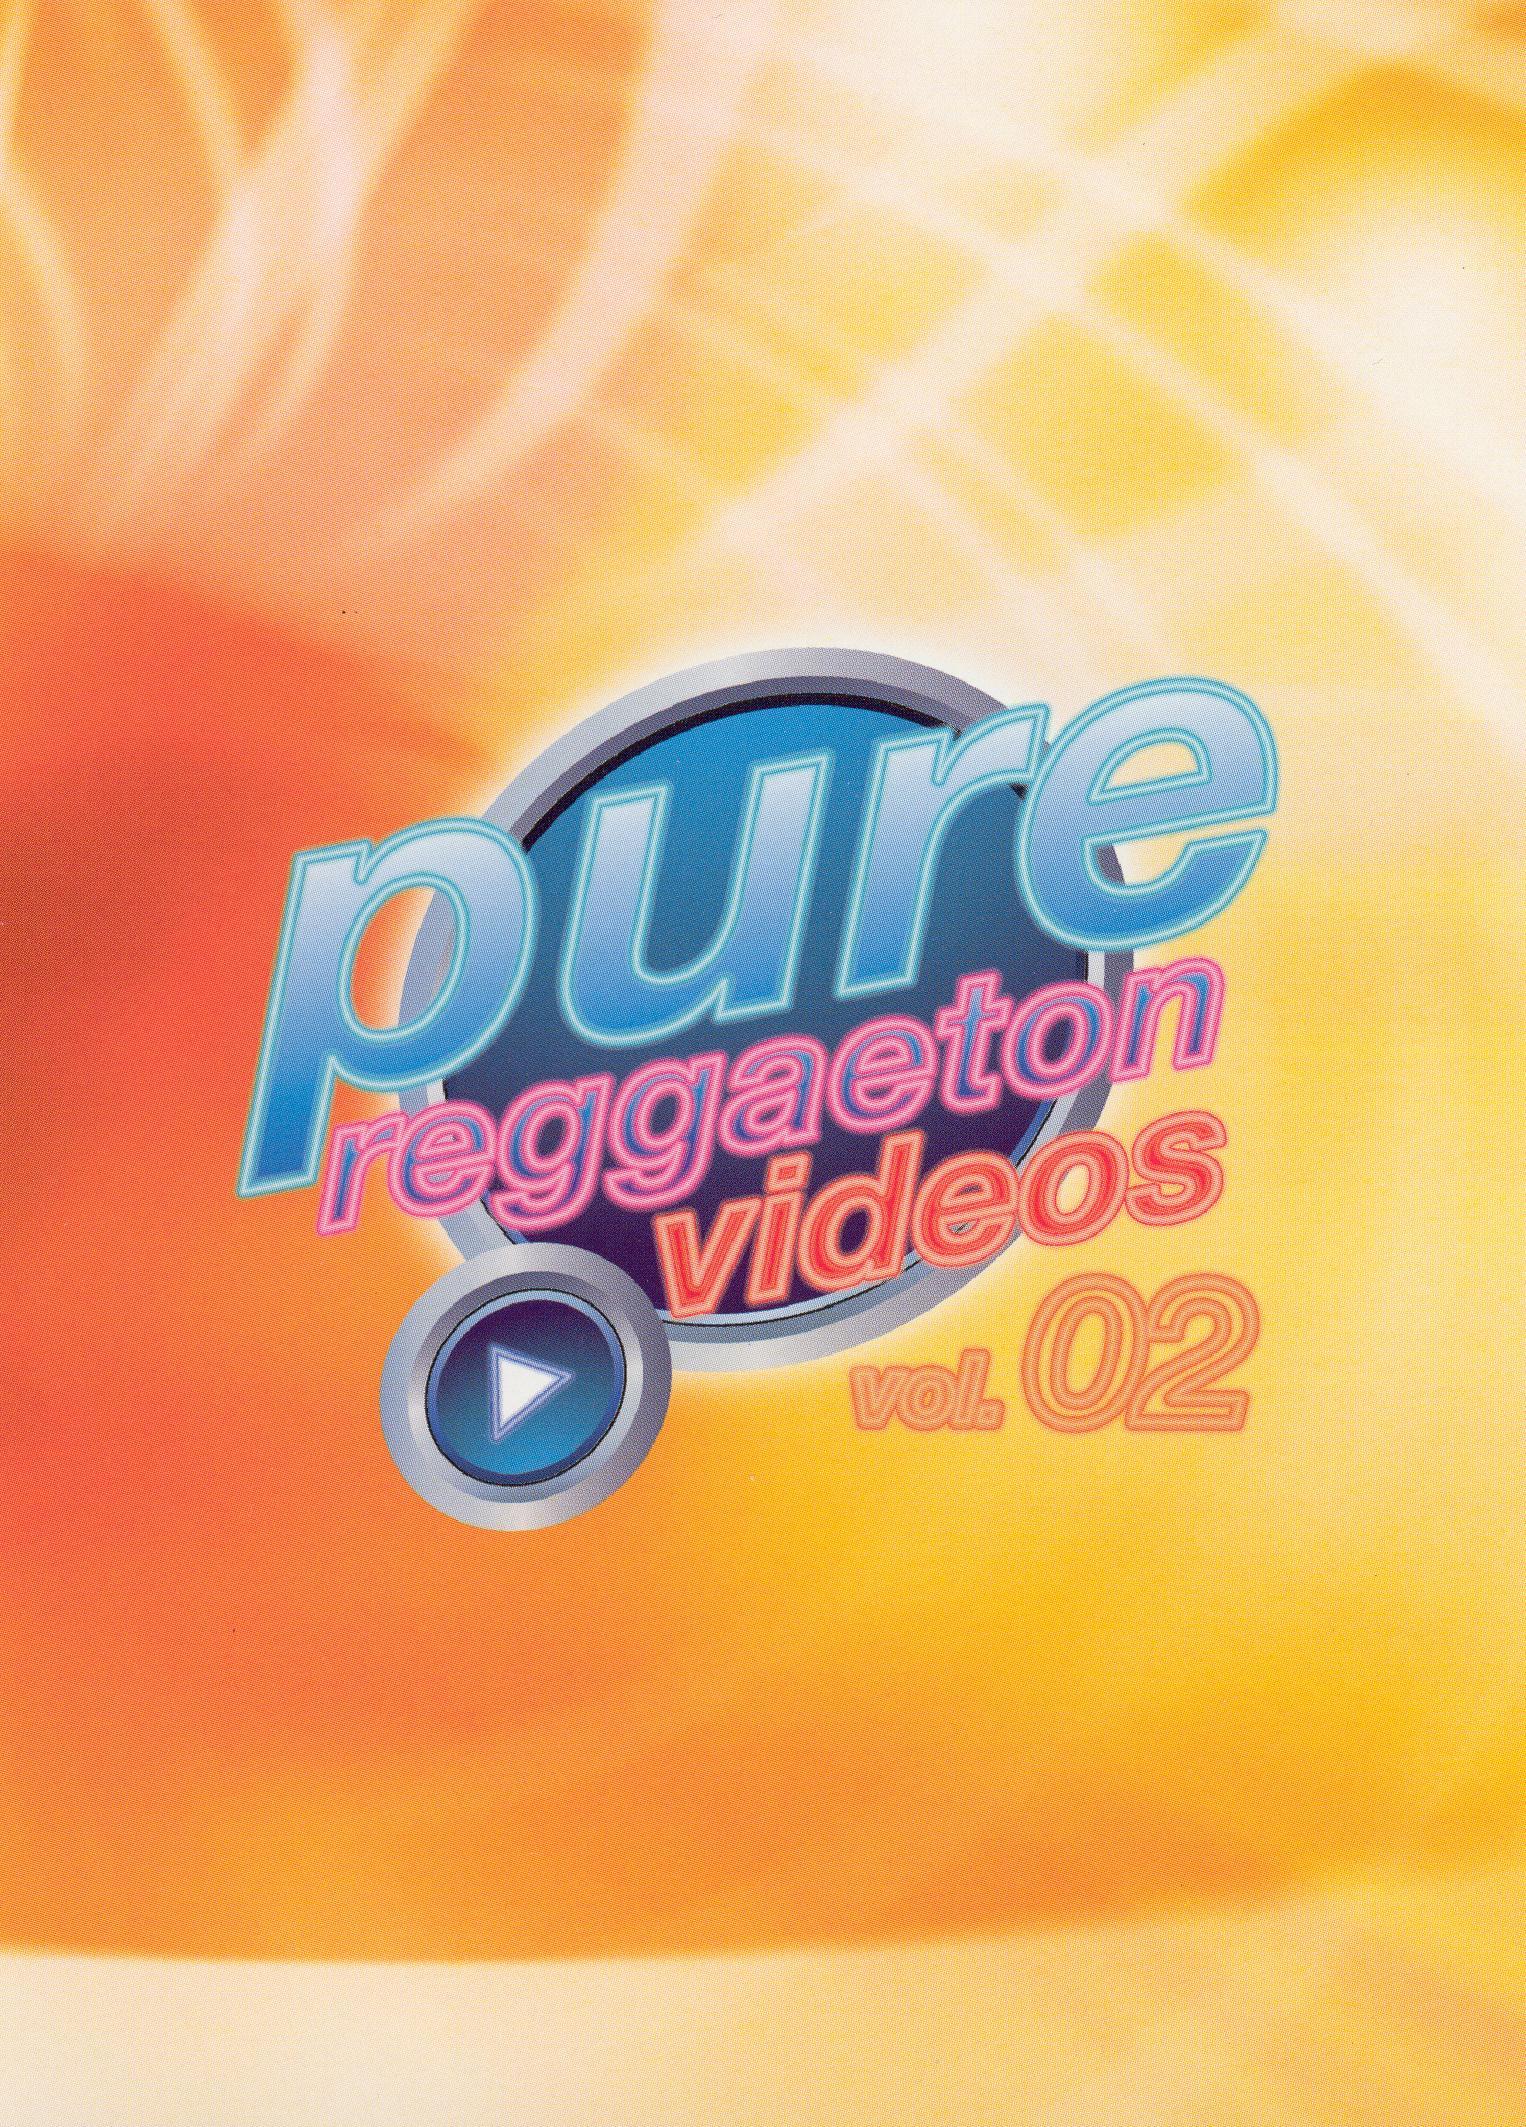 Pure Reggaeton Videos. Vol. 02